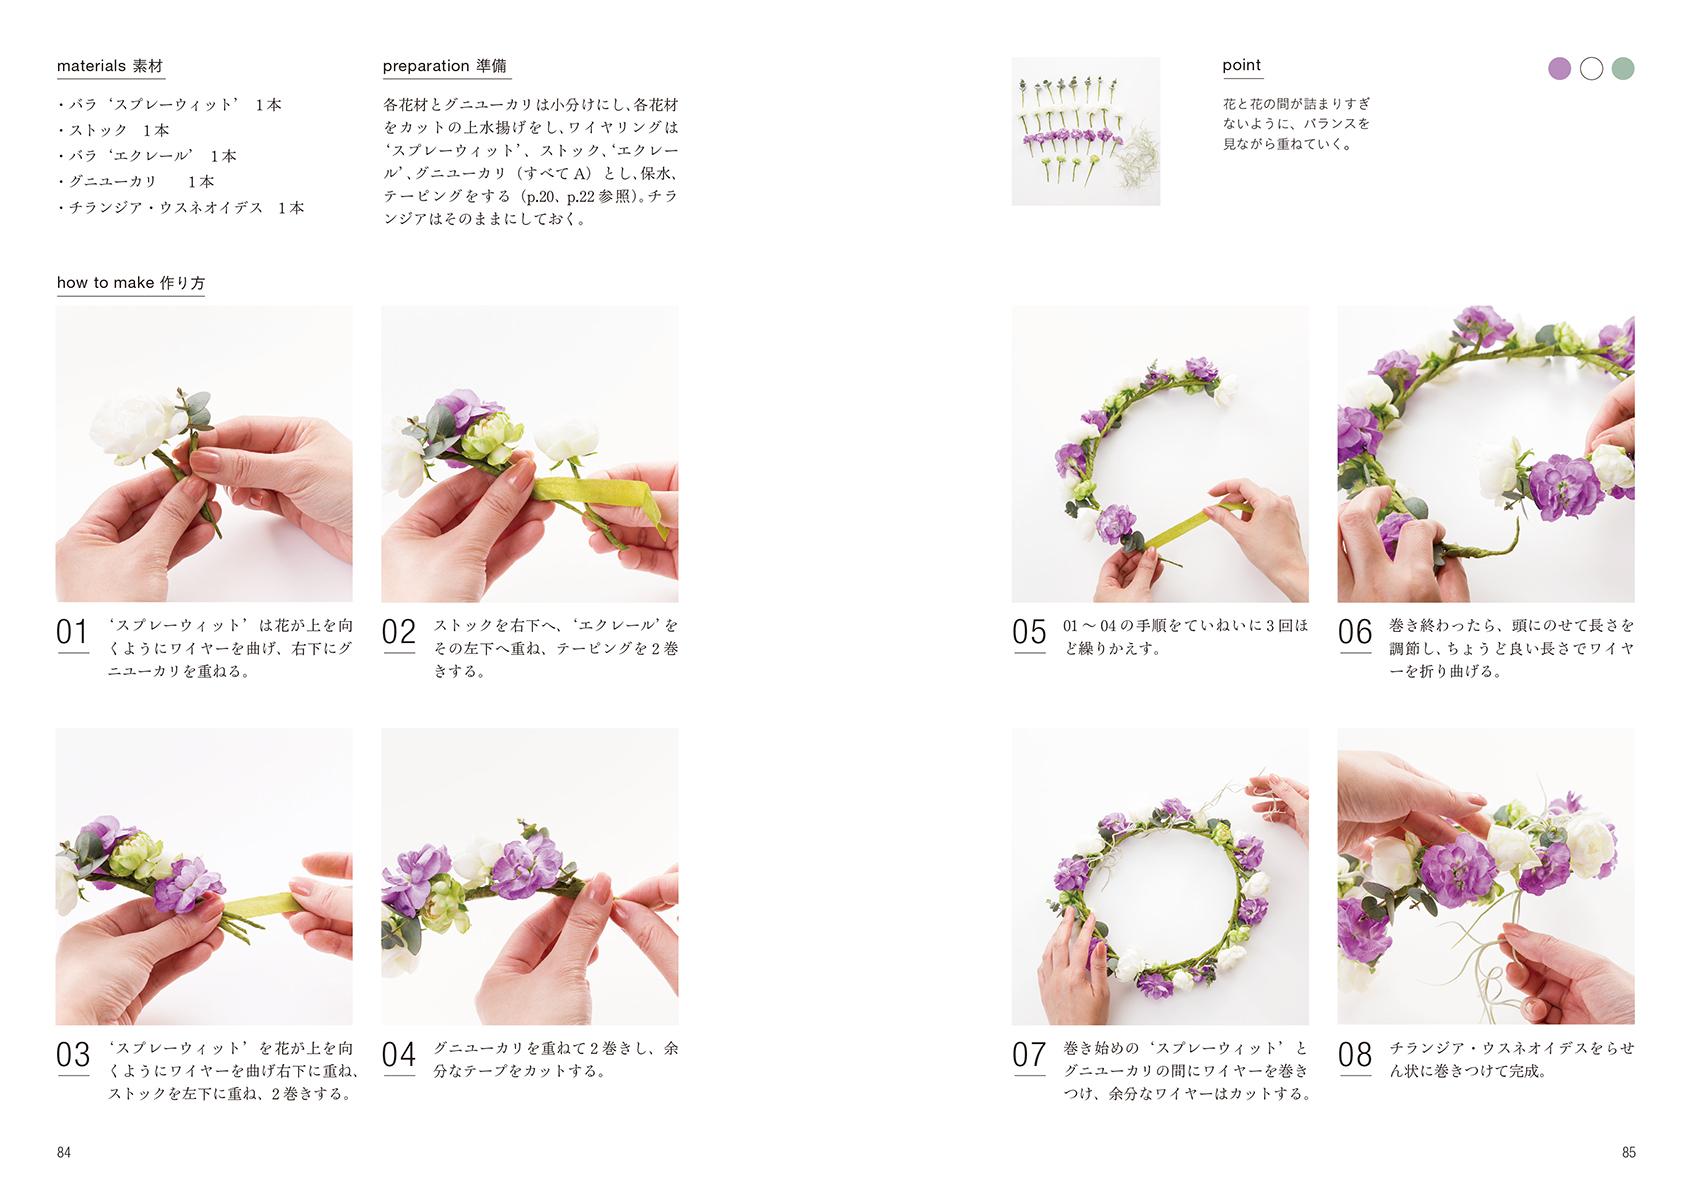 【送料無料】『小さな花飾りの本』 [書籍] - 画像4